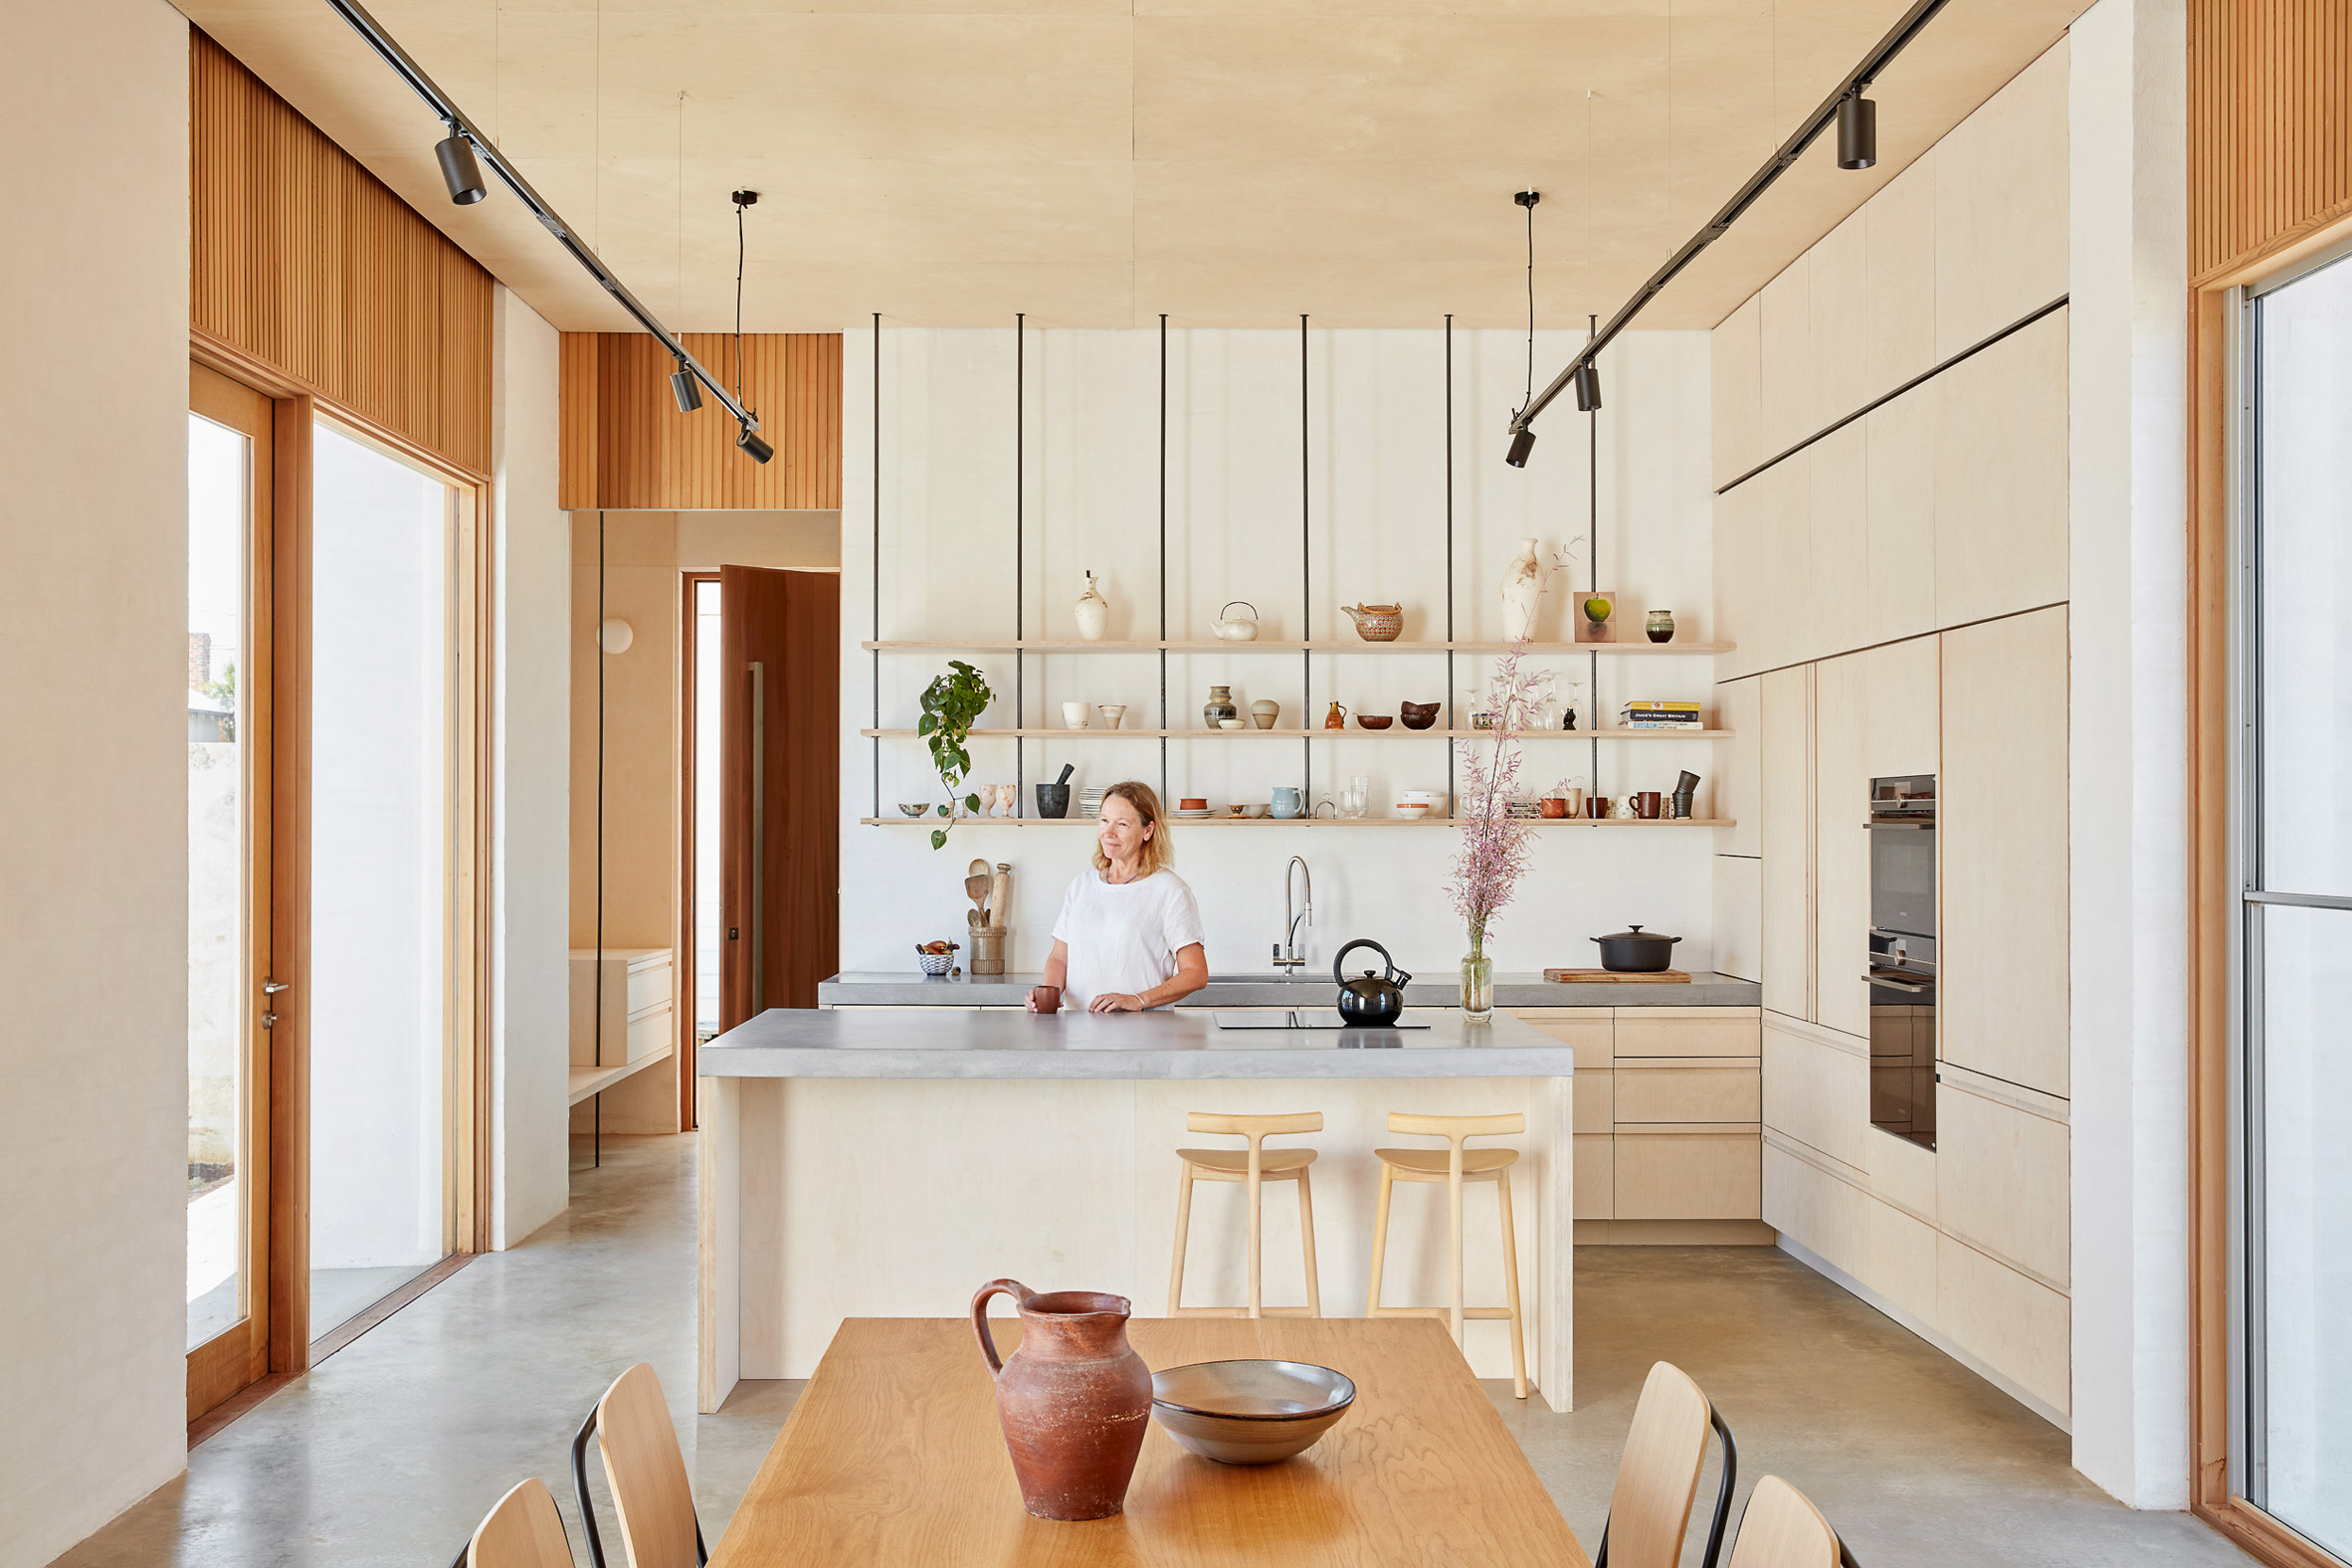 Cocina luminosa en la casa de Perth